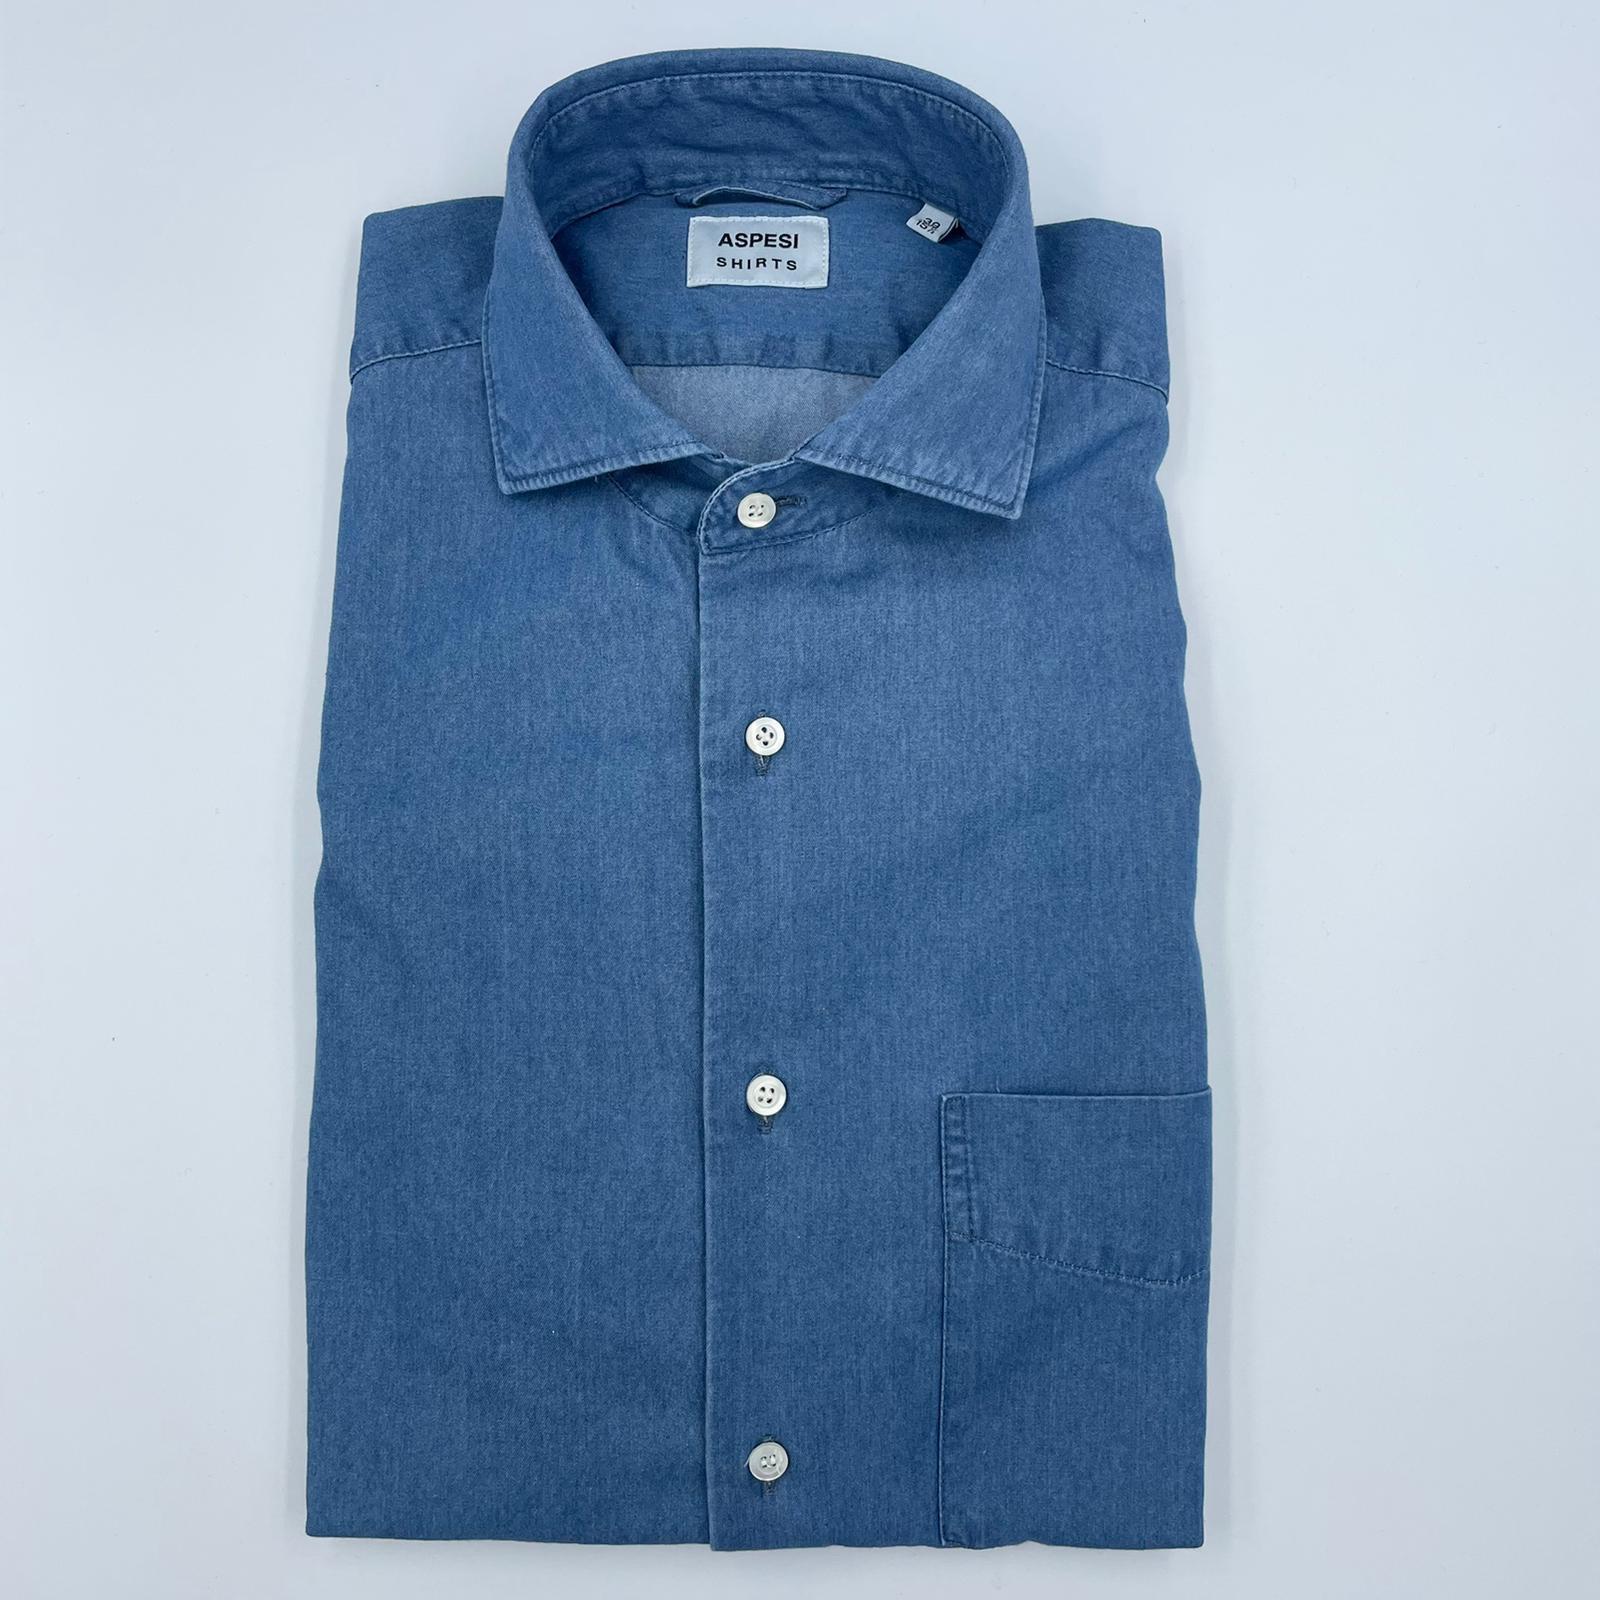 ASPESI CAMICIA jeans